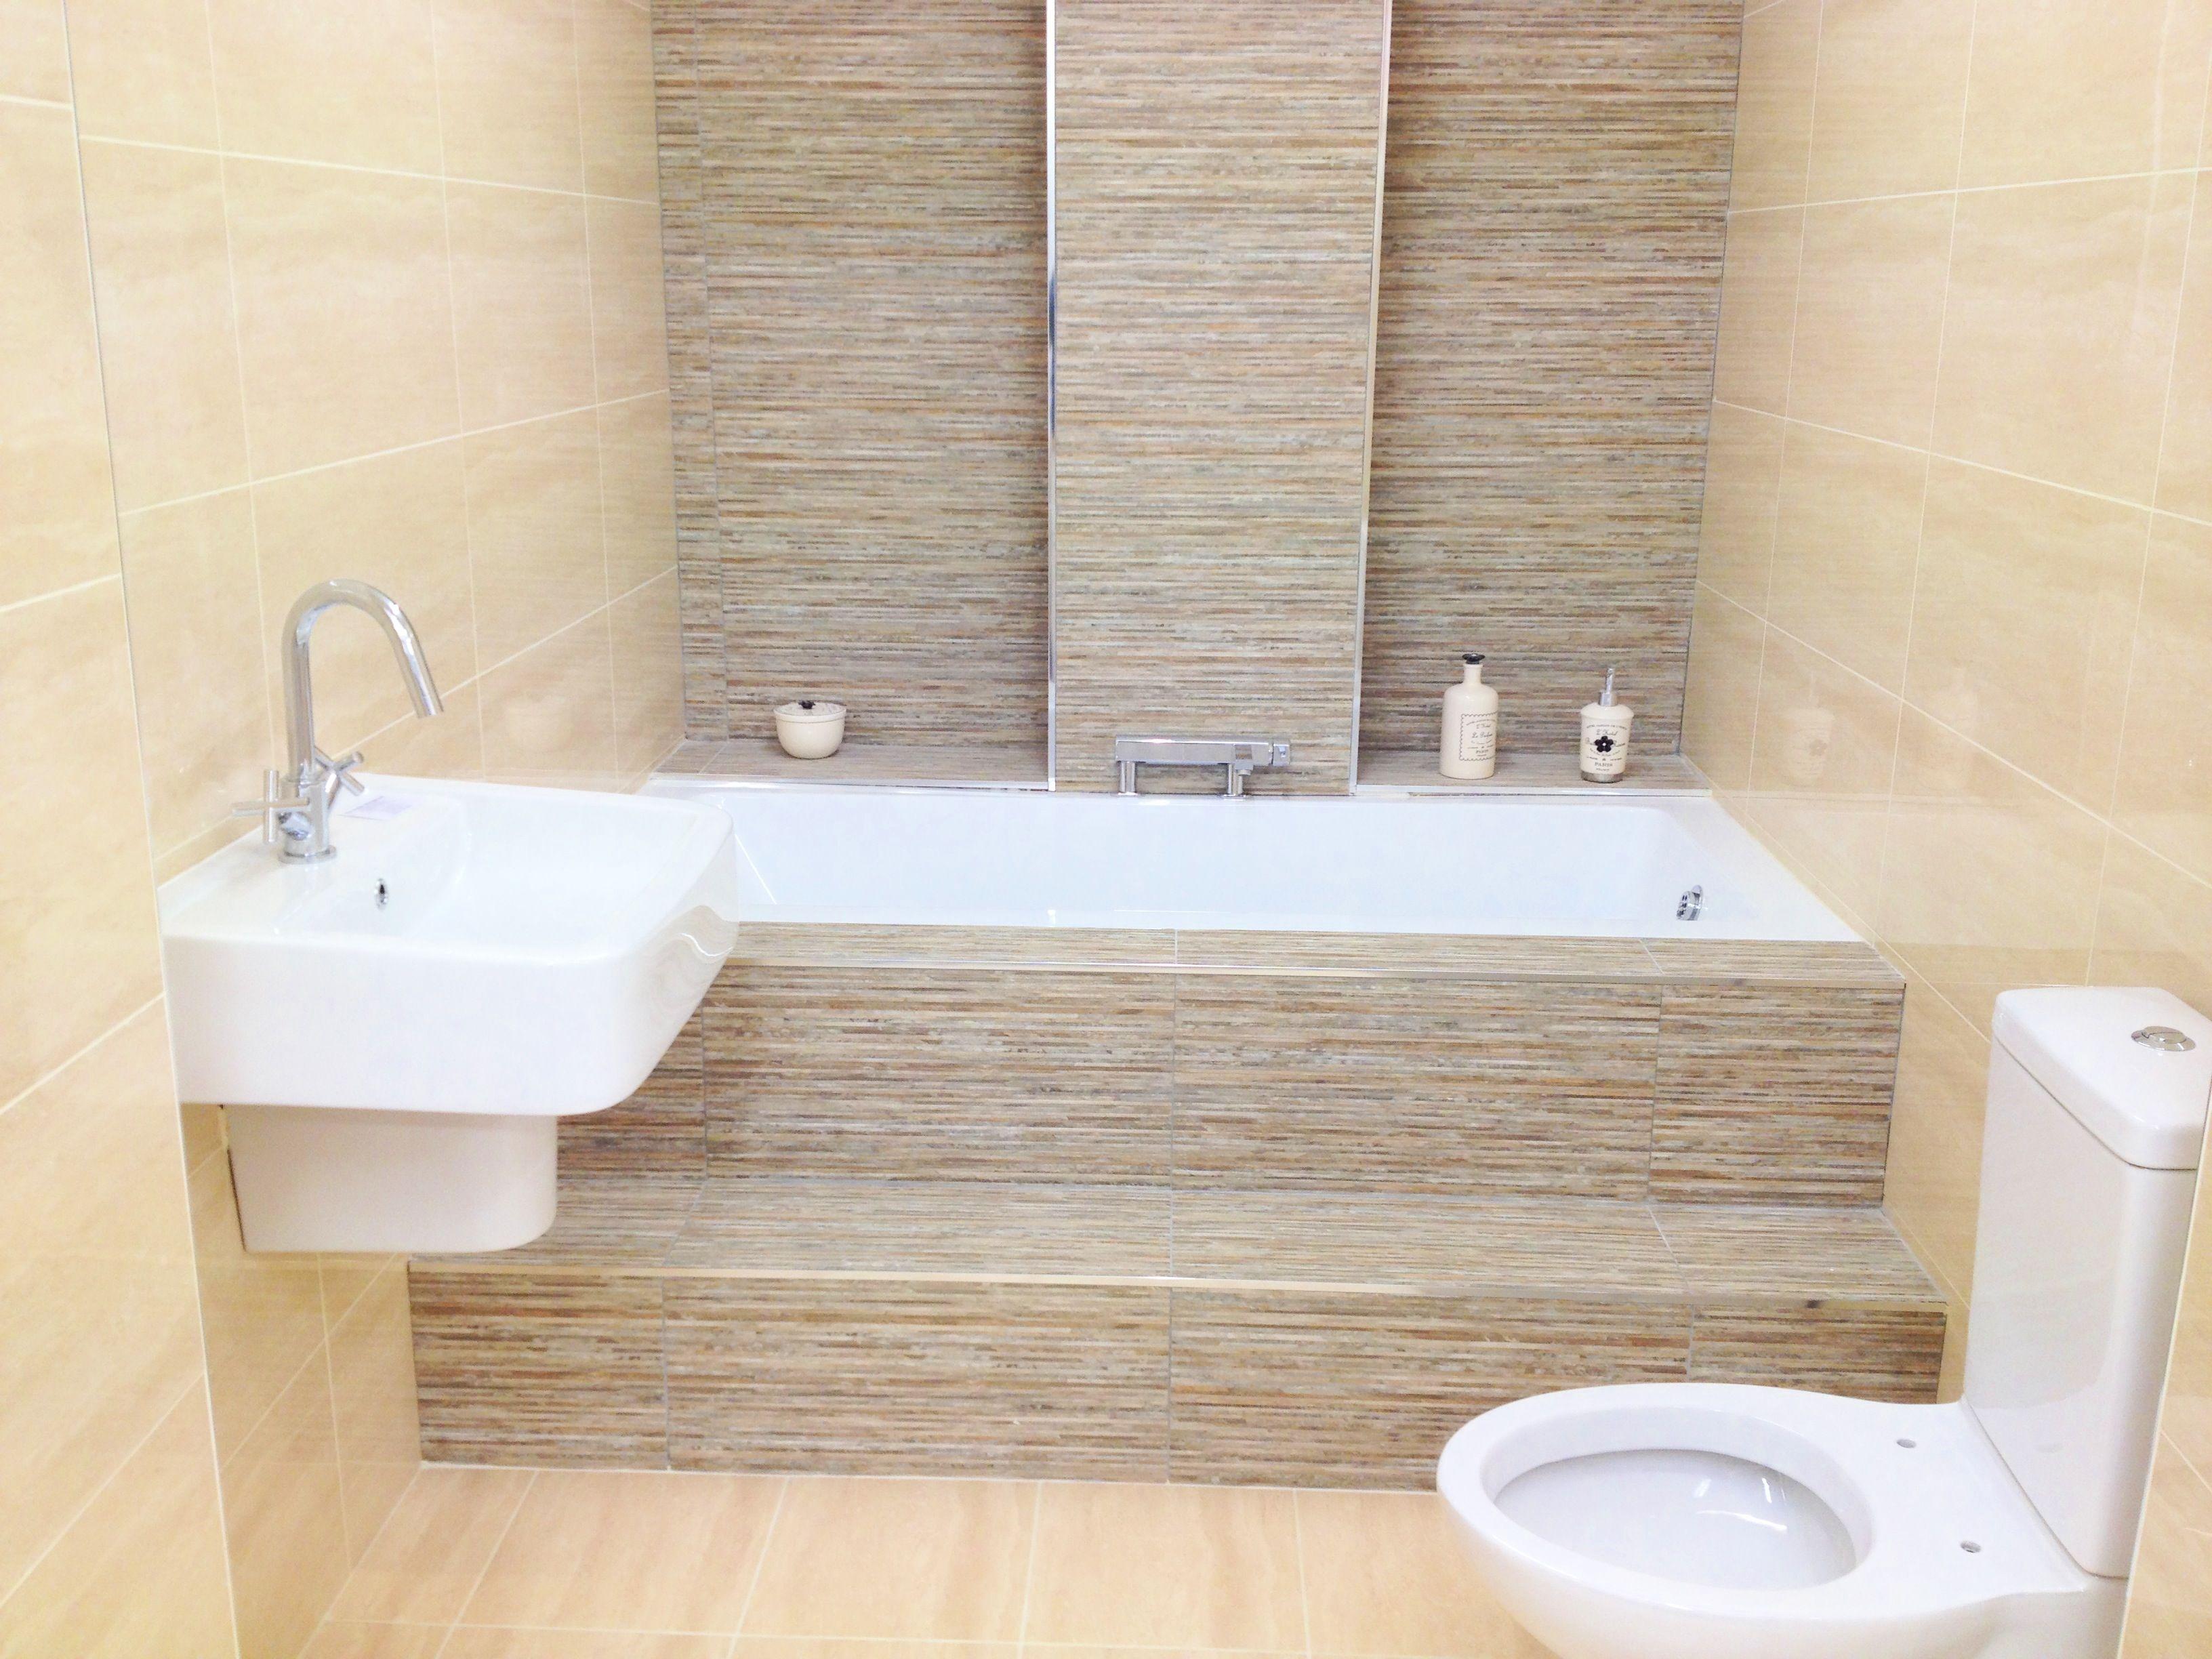 Decoration Tile Fascinating Tiled Bathroom Sandy  Google Search  Ванная Комната  Pinterest Inspiration